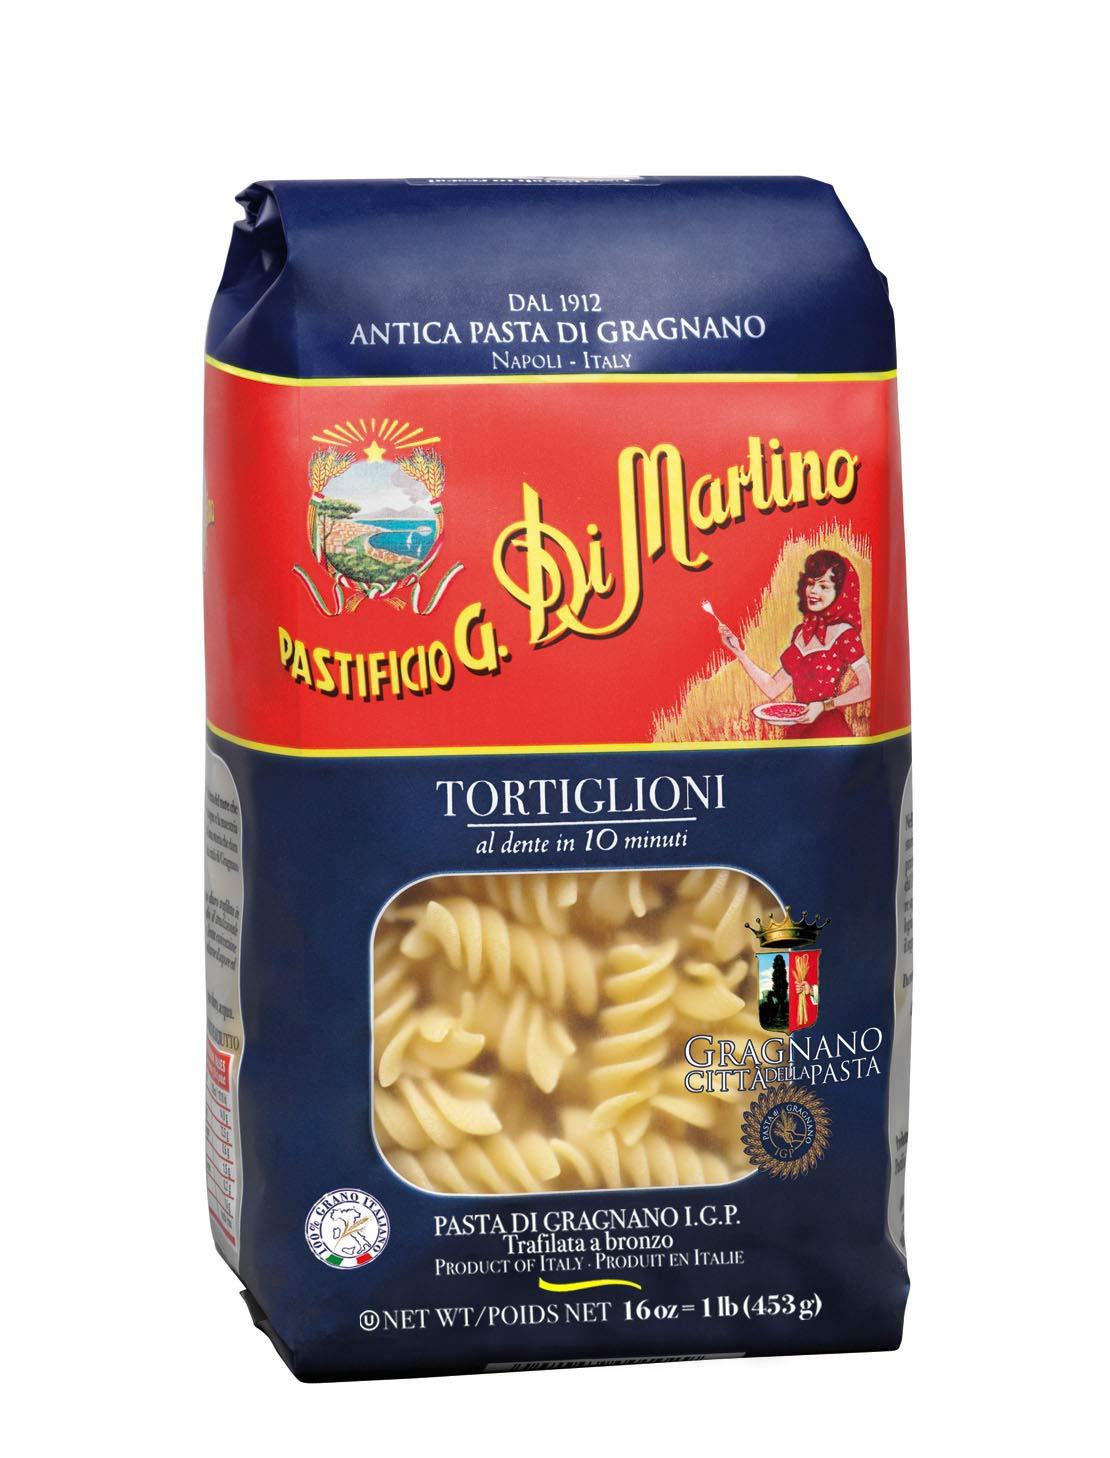 Di Martino - TORTIGLIONI Pack 6 x Pasta IMPORTE Max 47% OFF SEAL limited product 1 lb Premium